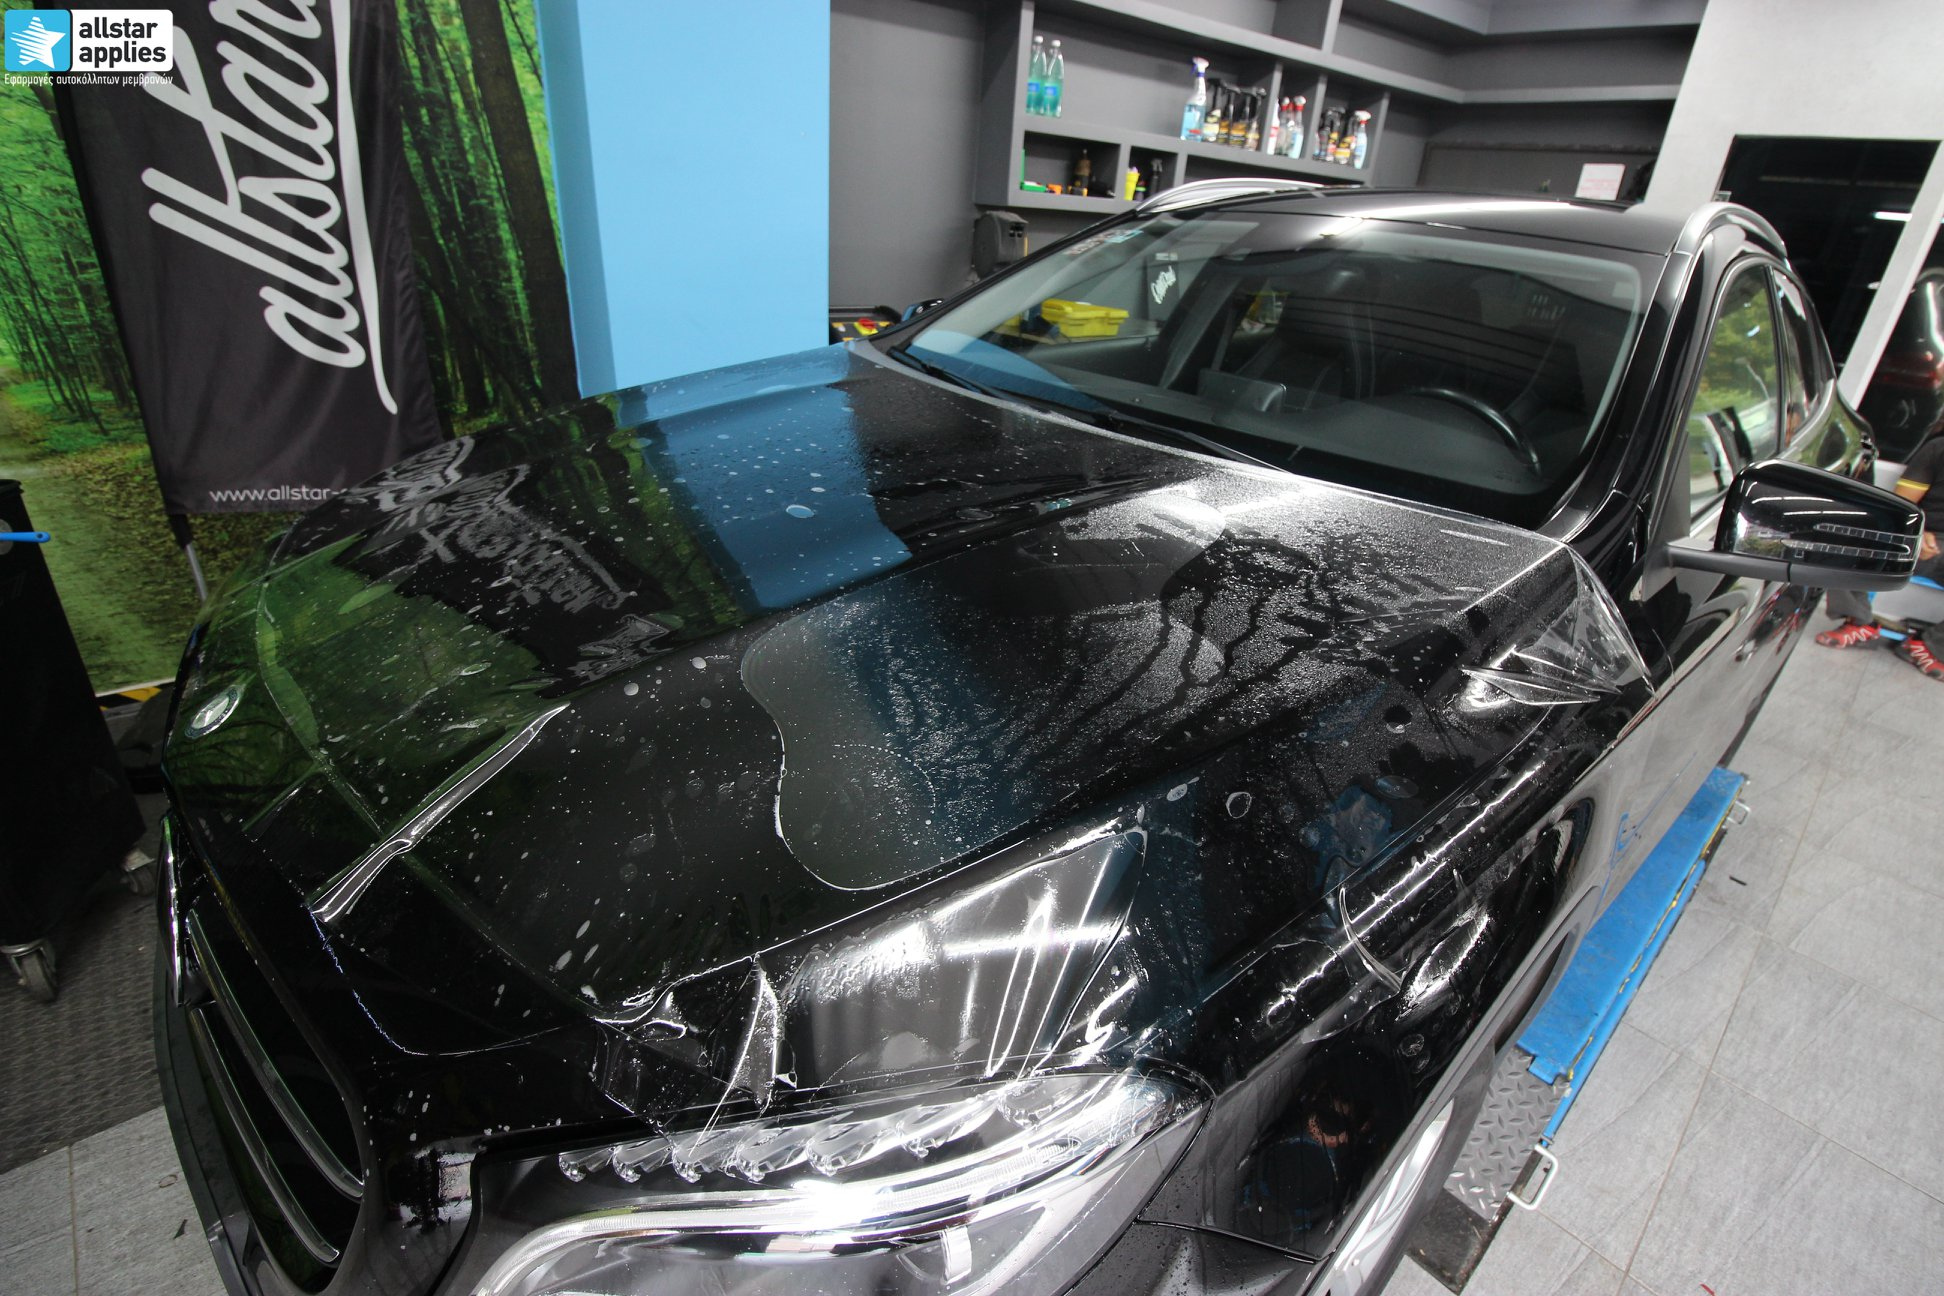 Mercedes-GLA-–-Μεμβράνες-Προστασίας-χρώματος-Paint-Protection-Film-2